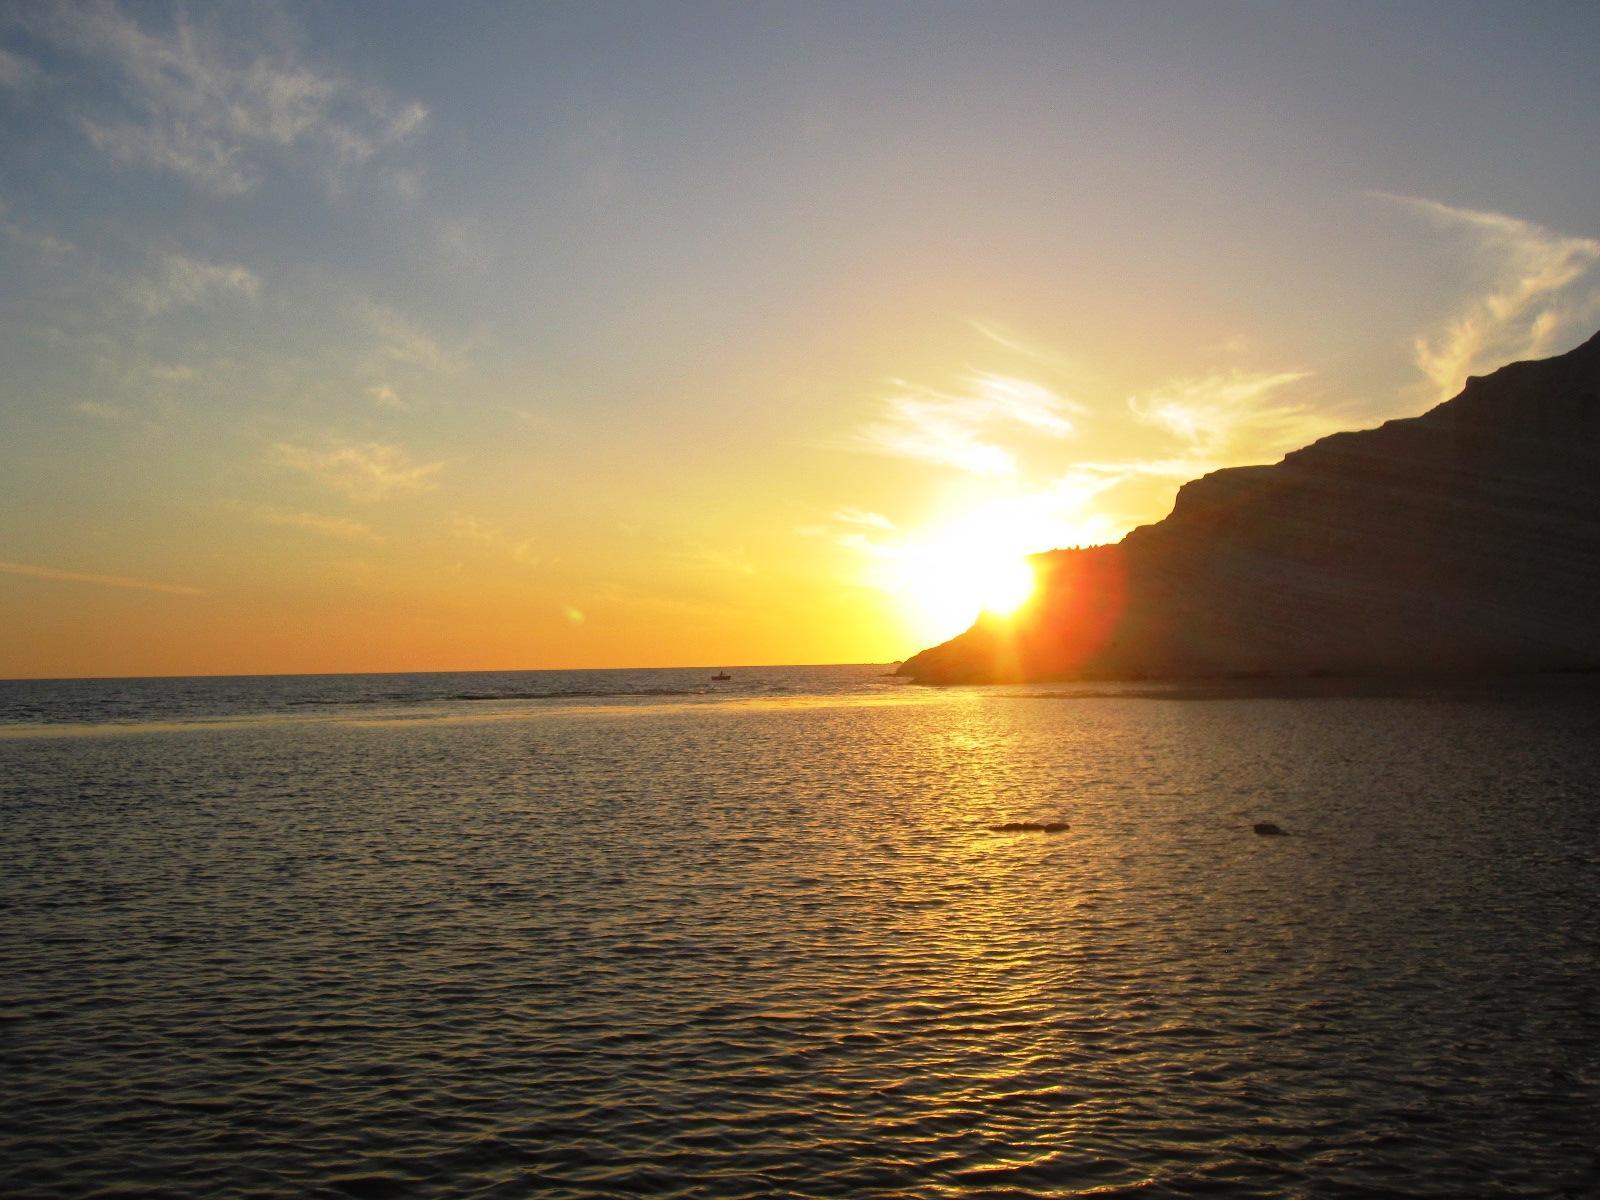 Meteo Sicilia: peggioramento all'orizzonte, ecco le previsioni